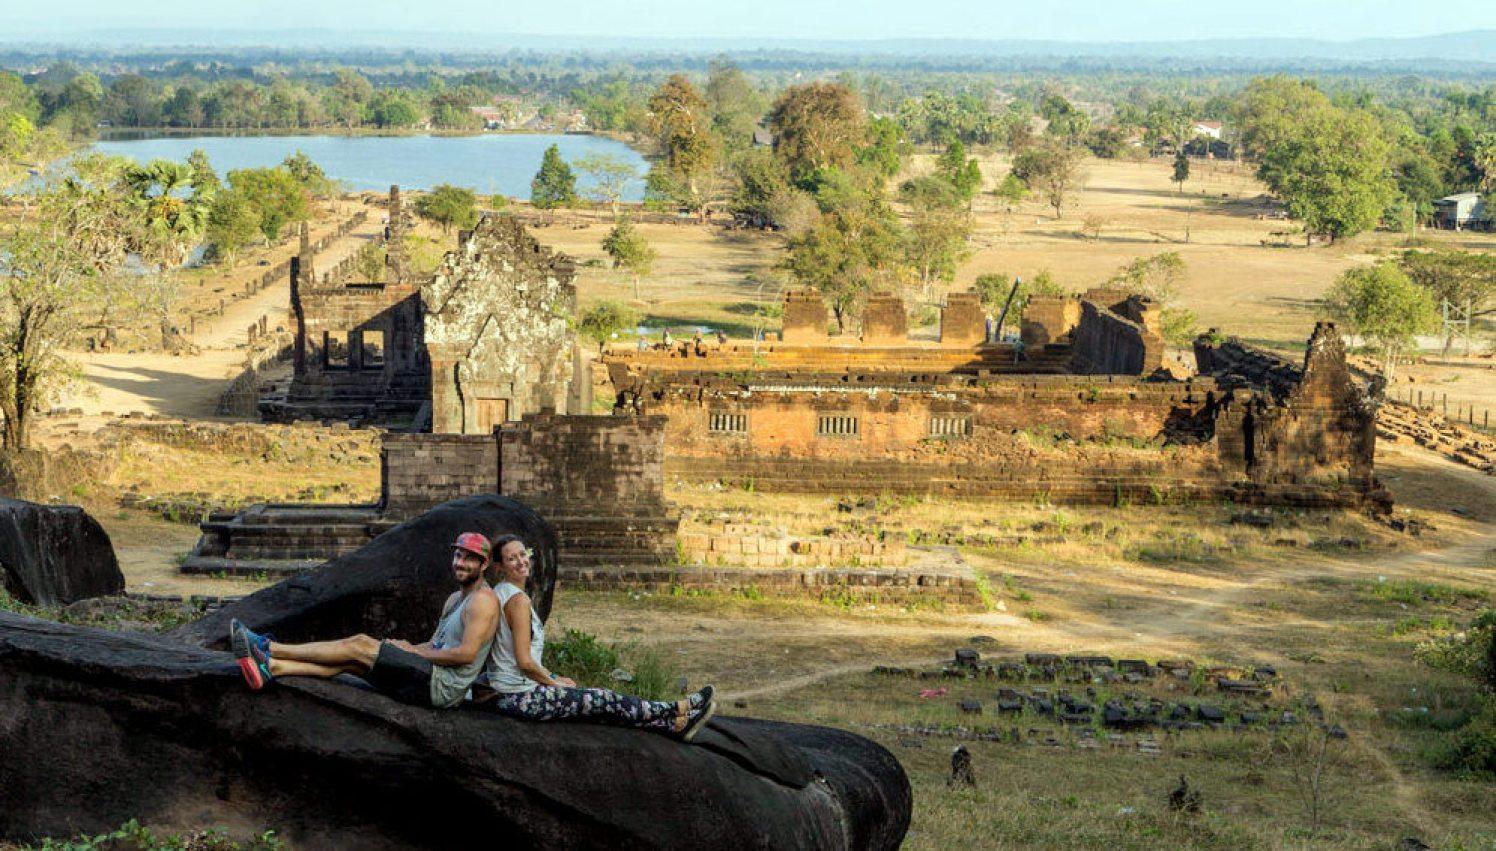 Megan and Scott in Laos